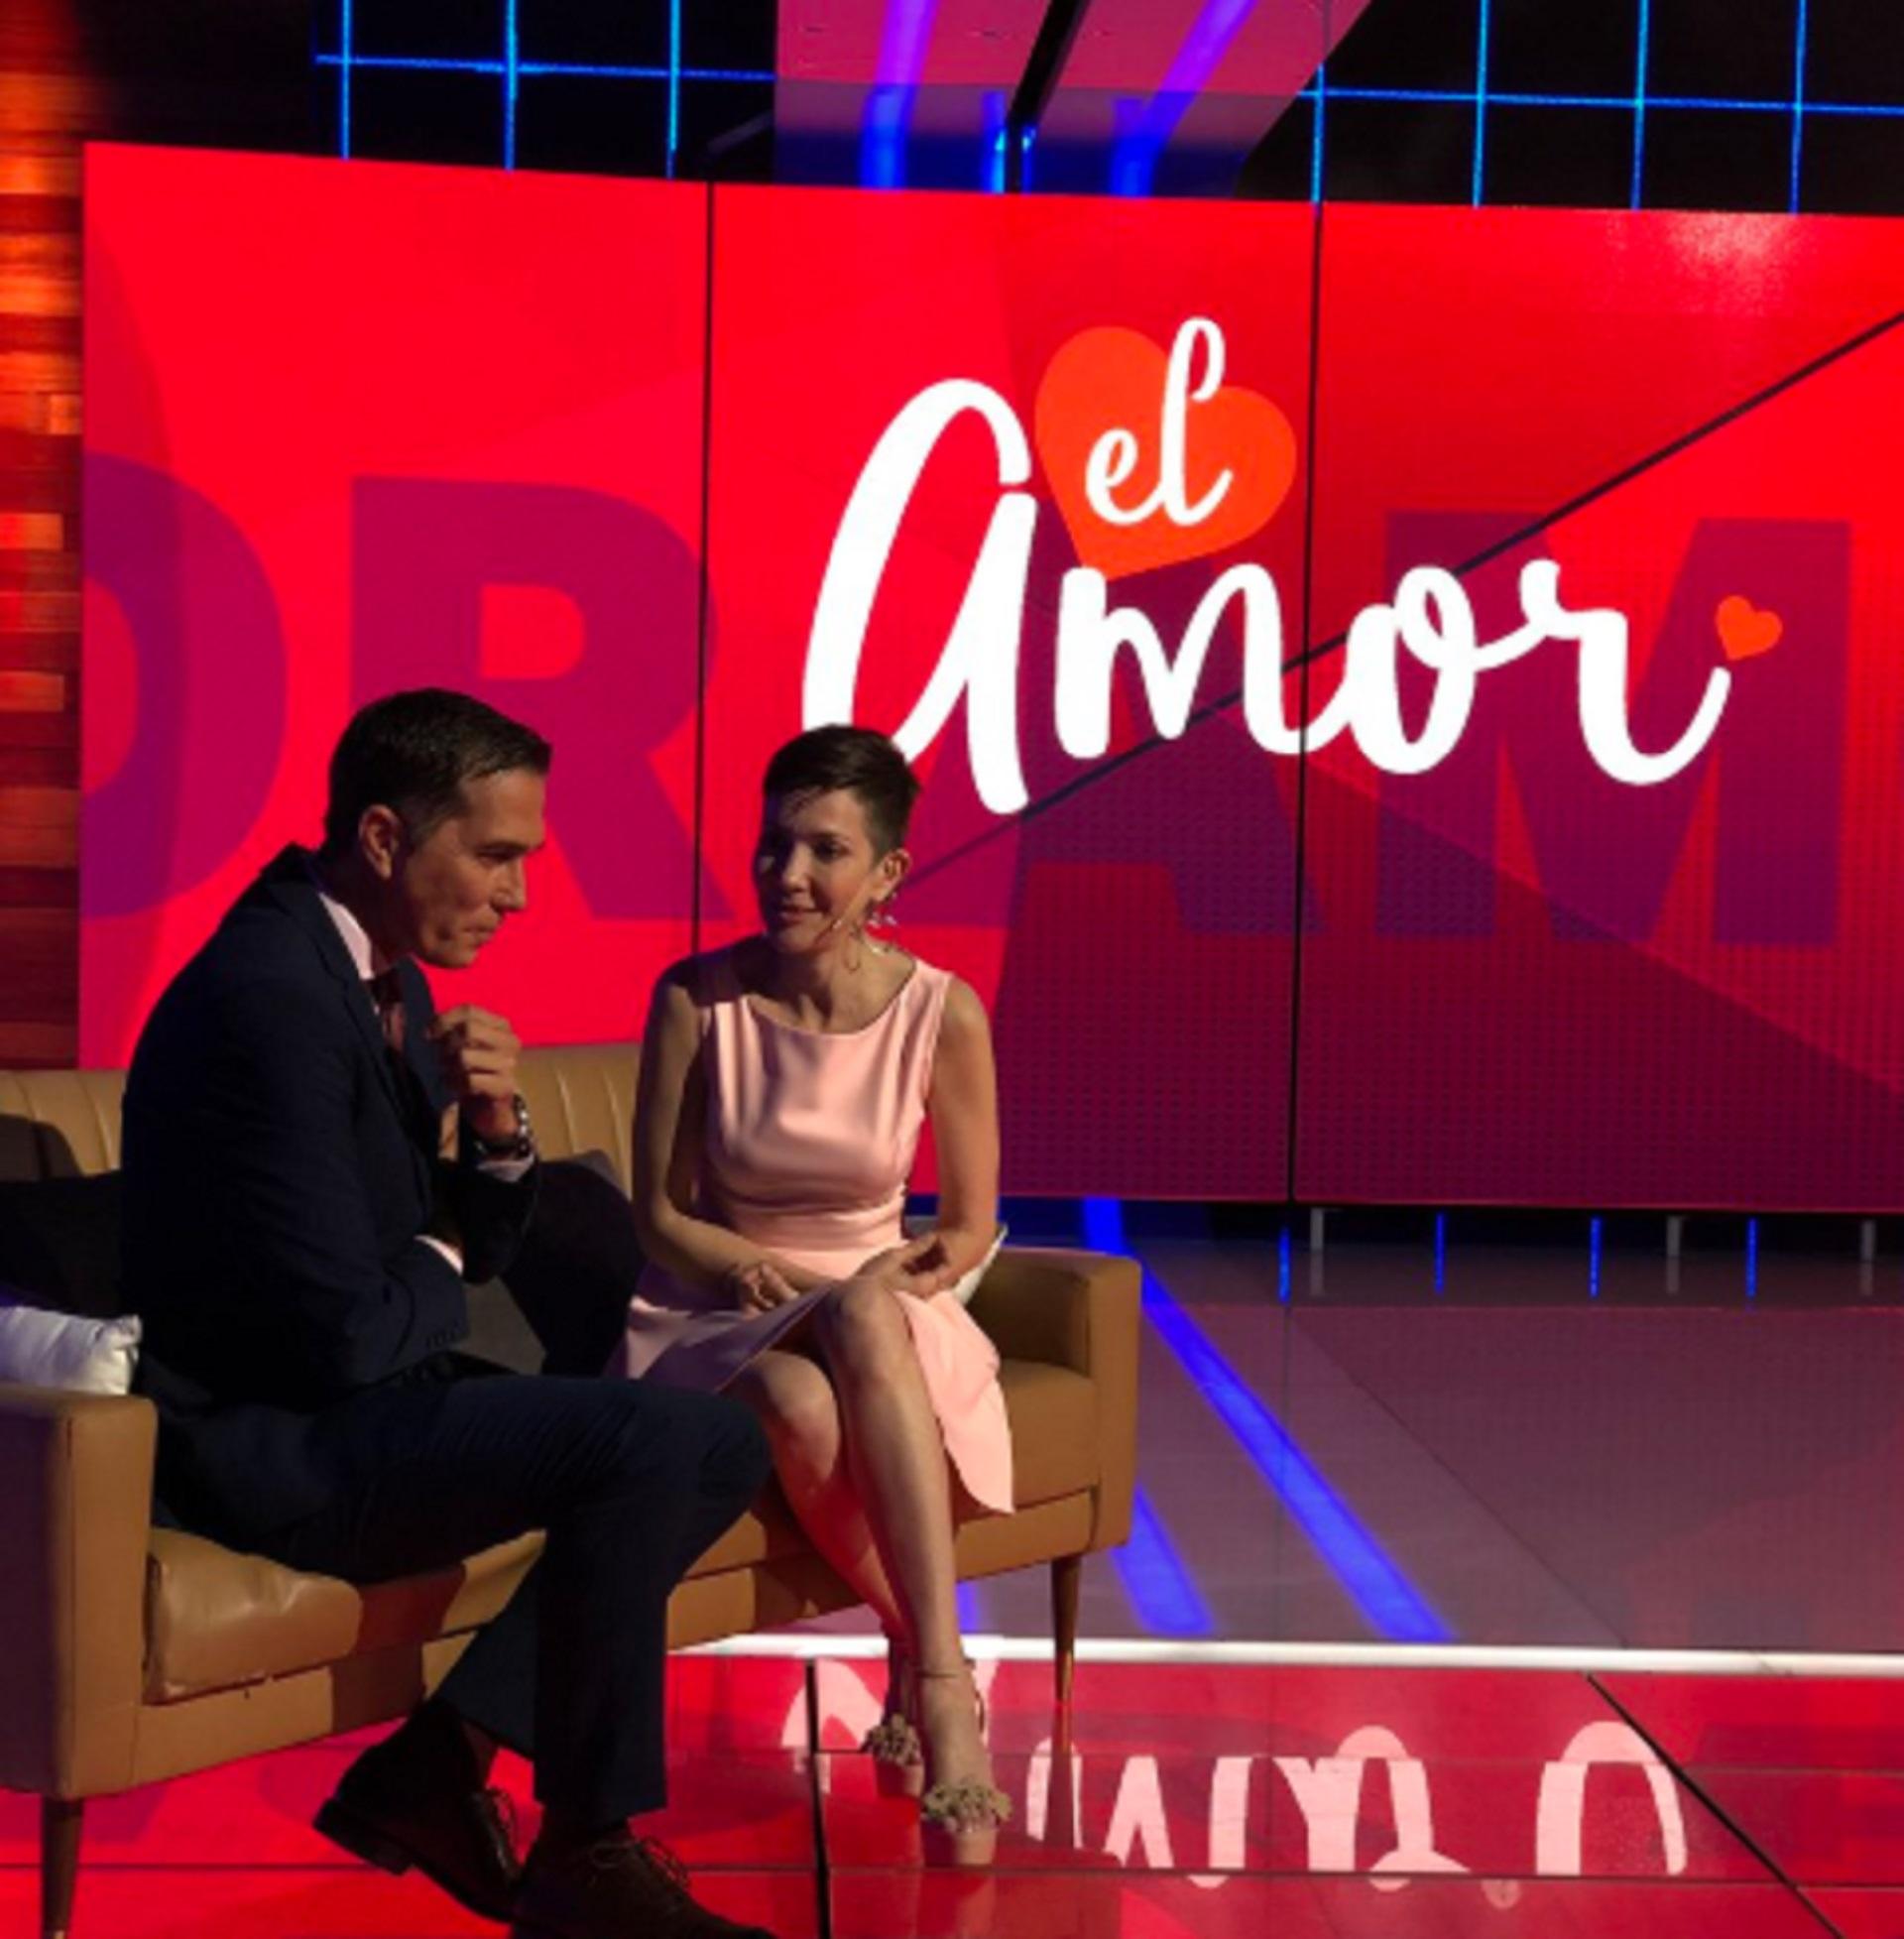 Con muchas expectativas, todos especulaban la confirmación del romance entre Cristina Perez y Rodolfo Barilli. Los conductores contaron la verdad de su relación en Telefe Noticias (Twitter @TelefeNoticias)